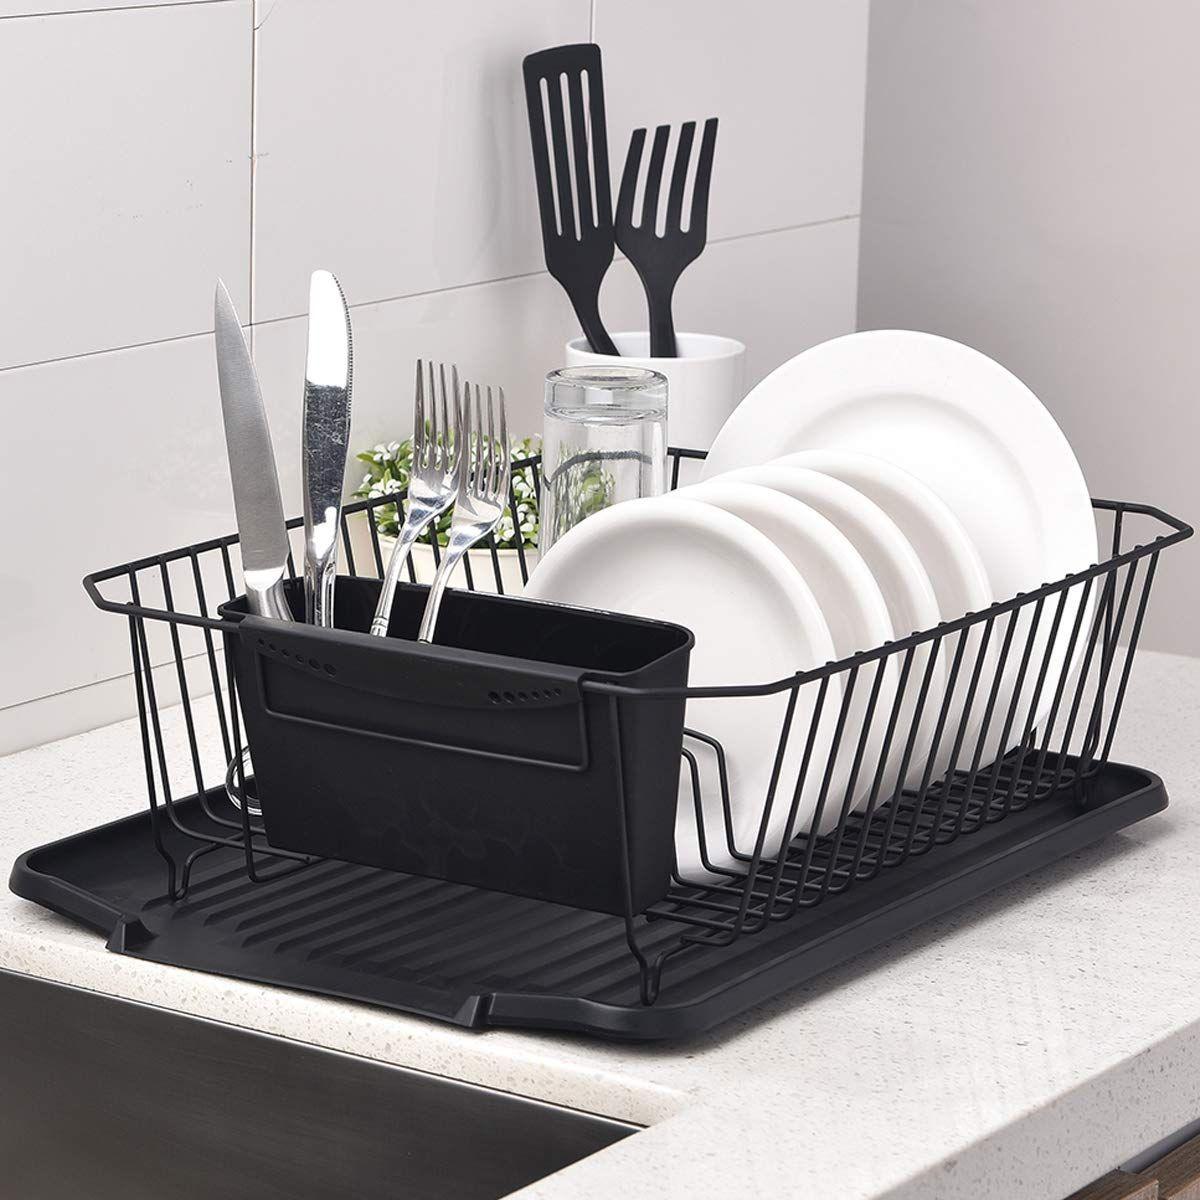 dish rack drying